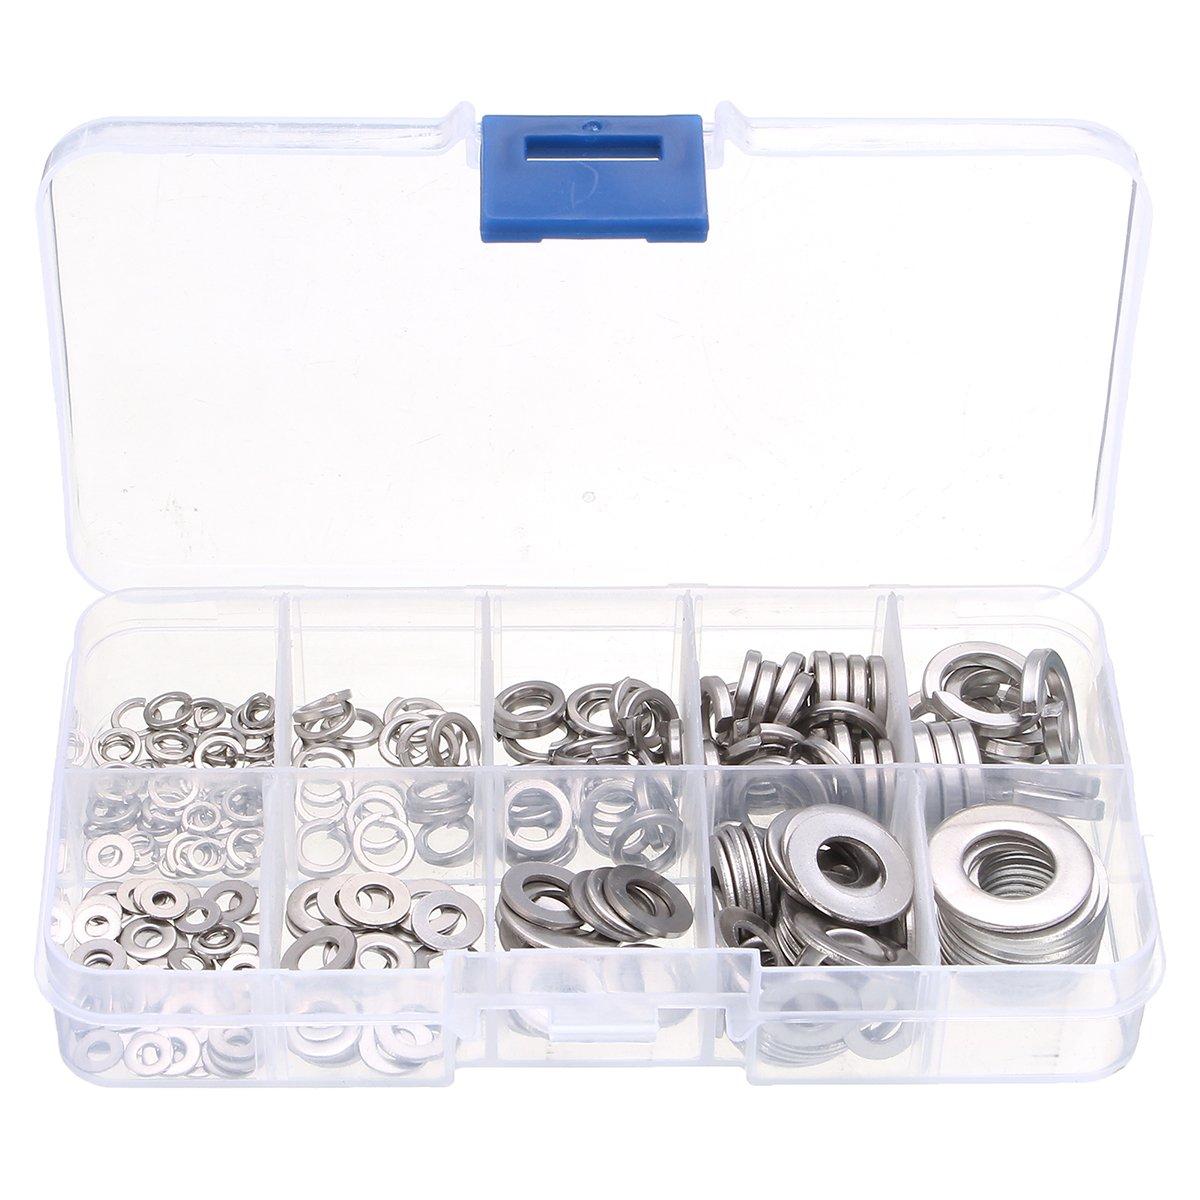 Utini 260Pcs Stainless Steel Flat Spring Washers Metal Lock Washer Assortment Set